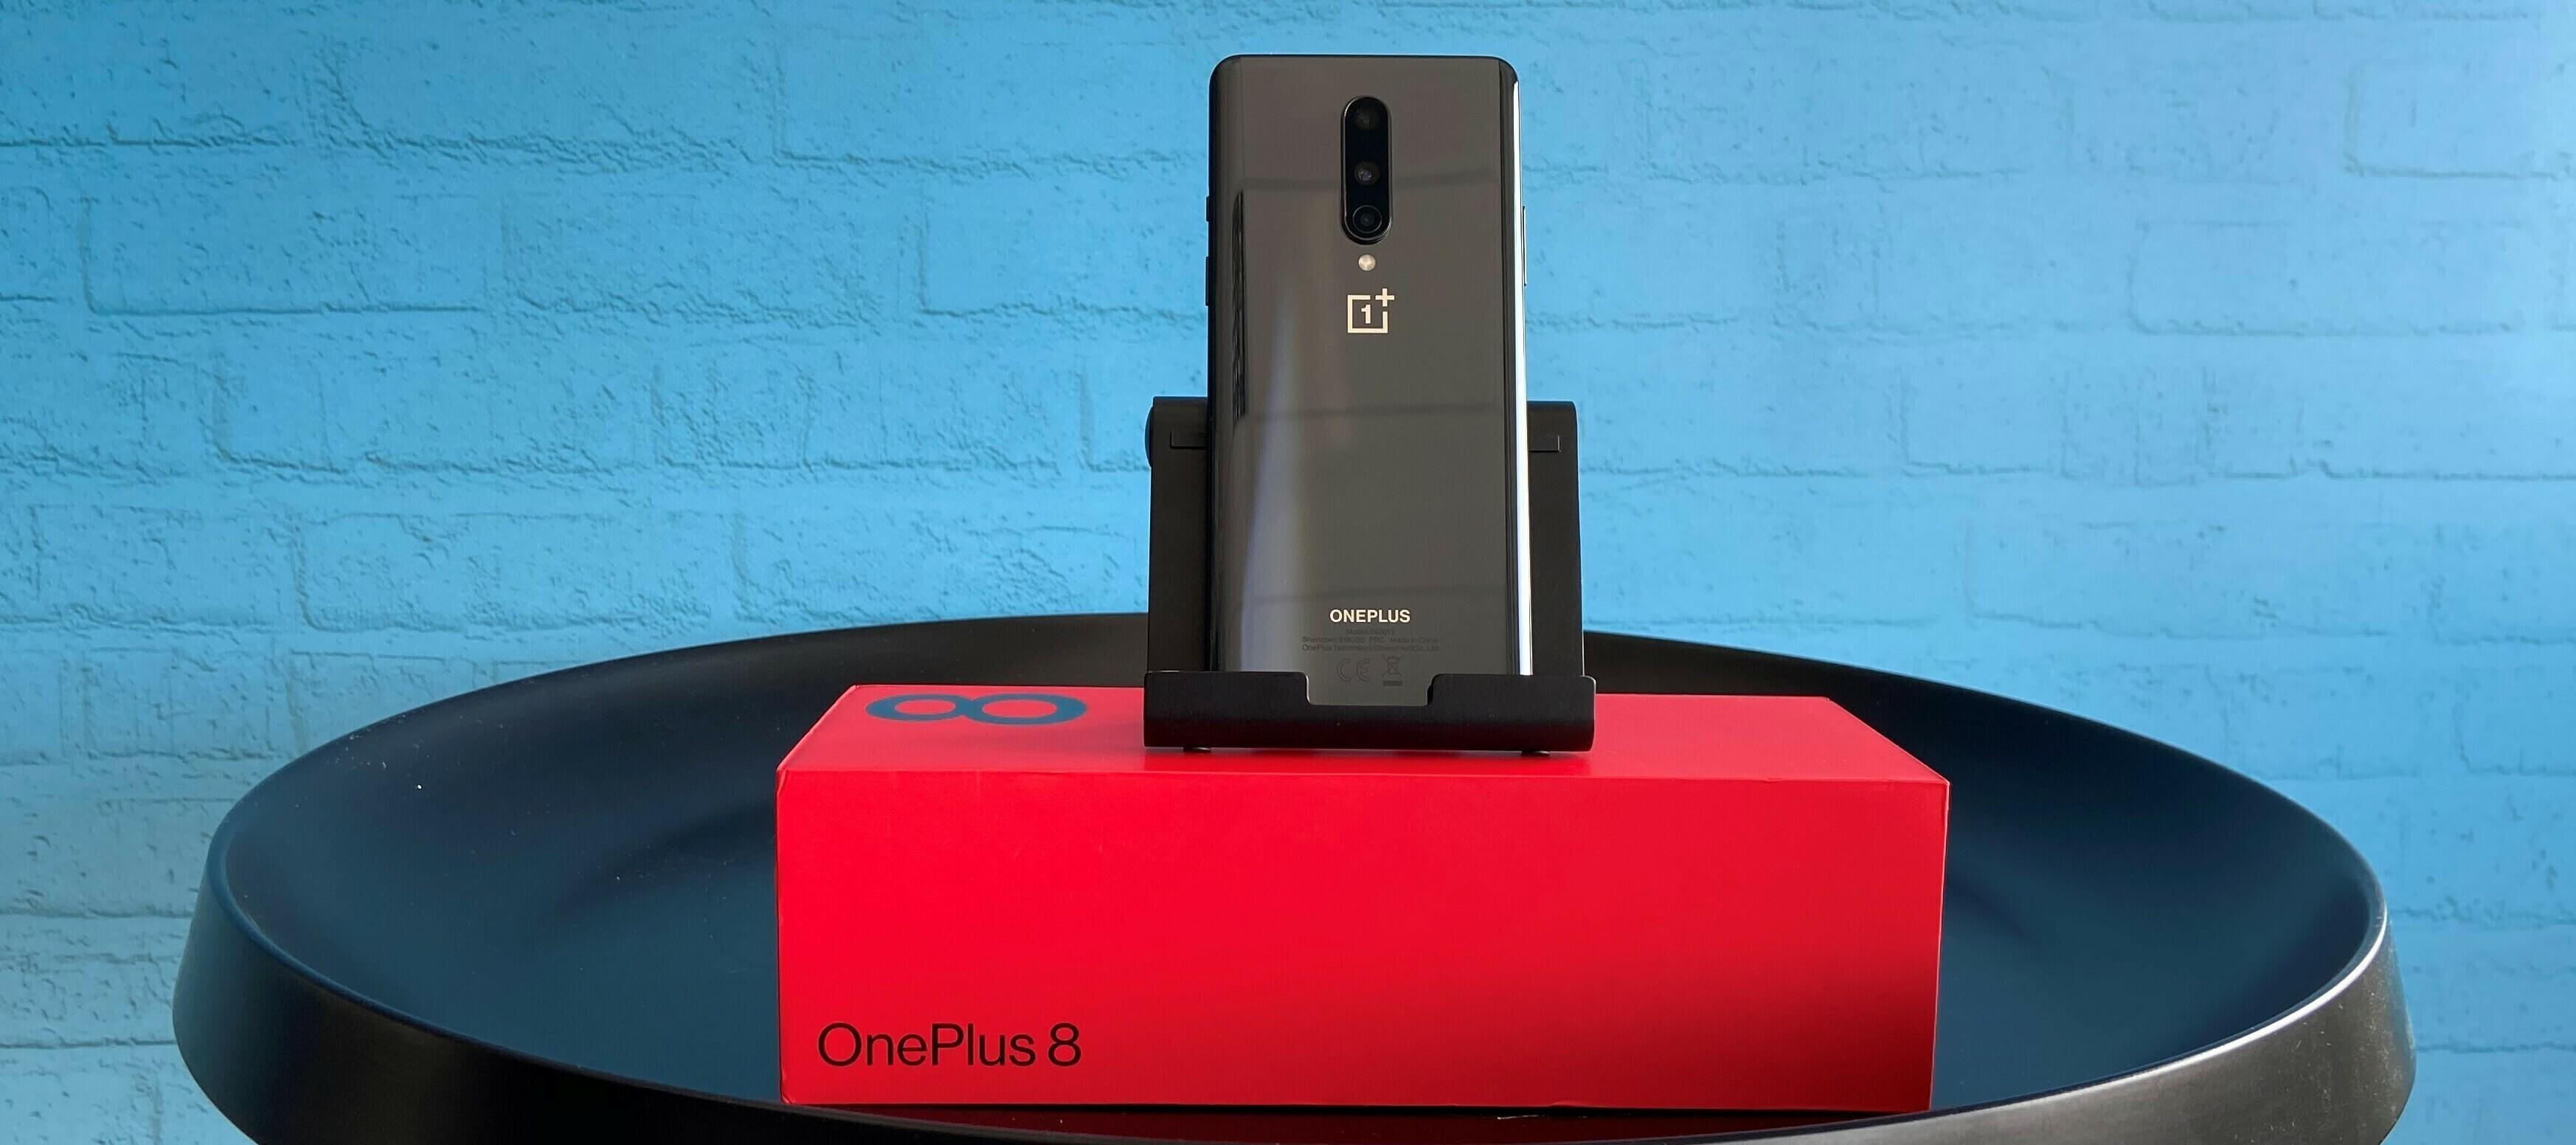 OnePlus 8 Testgerät: Note Eins plus mit Sternchen? Finde es heraus und werde Produkttester*in